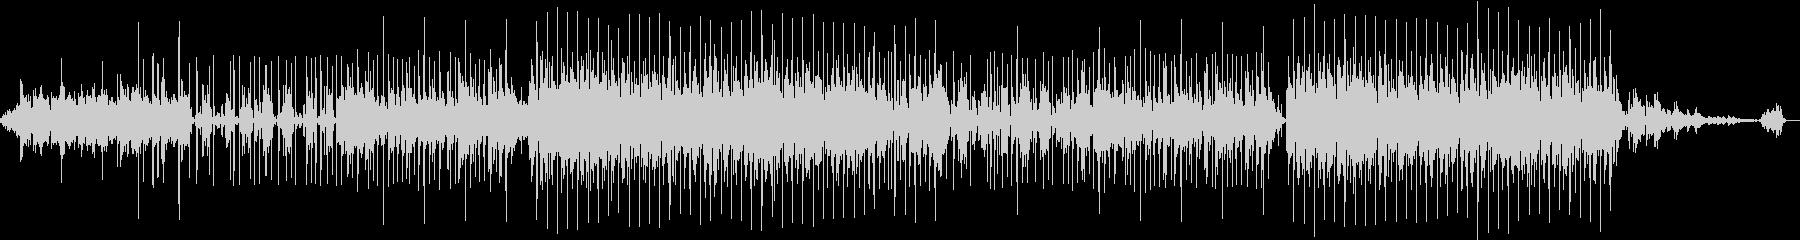 好きなコード進行を多様したポップスの未再生の波形